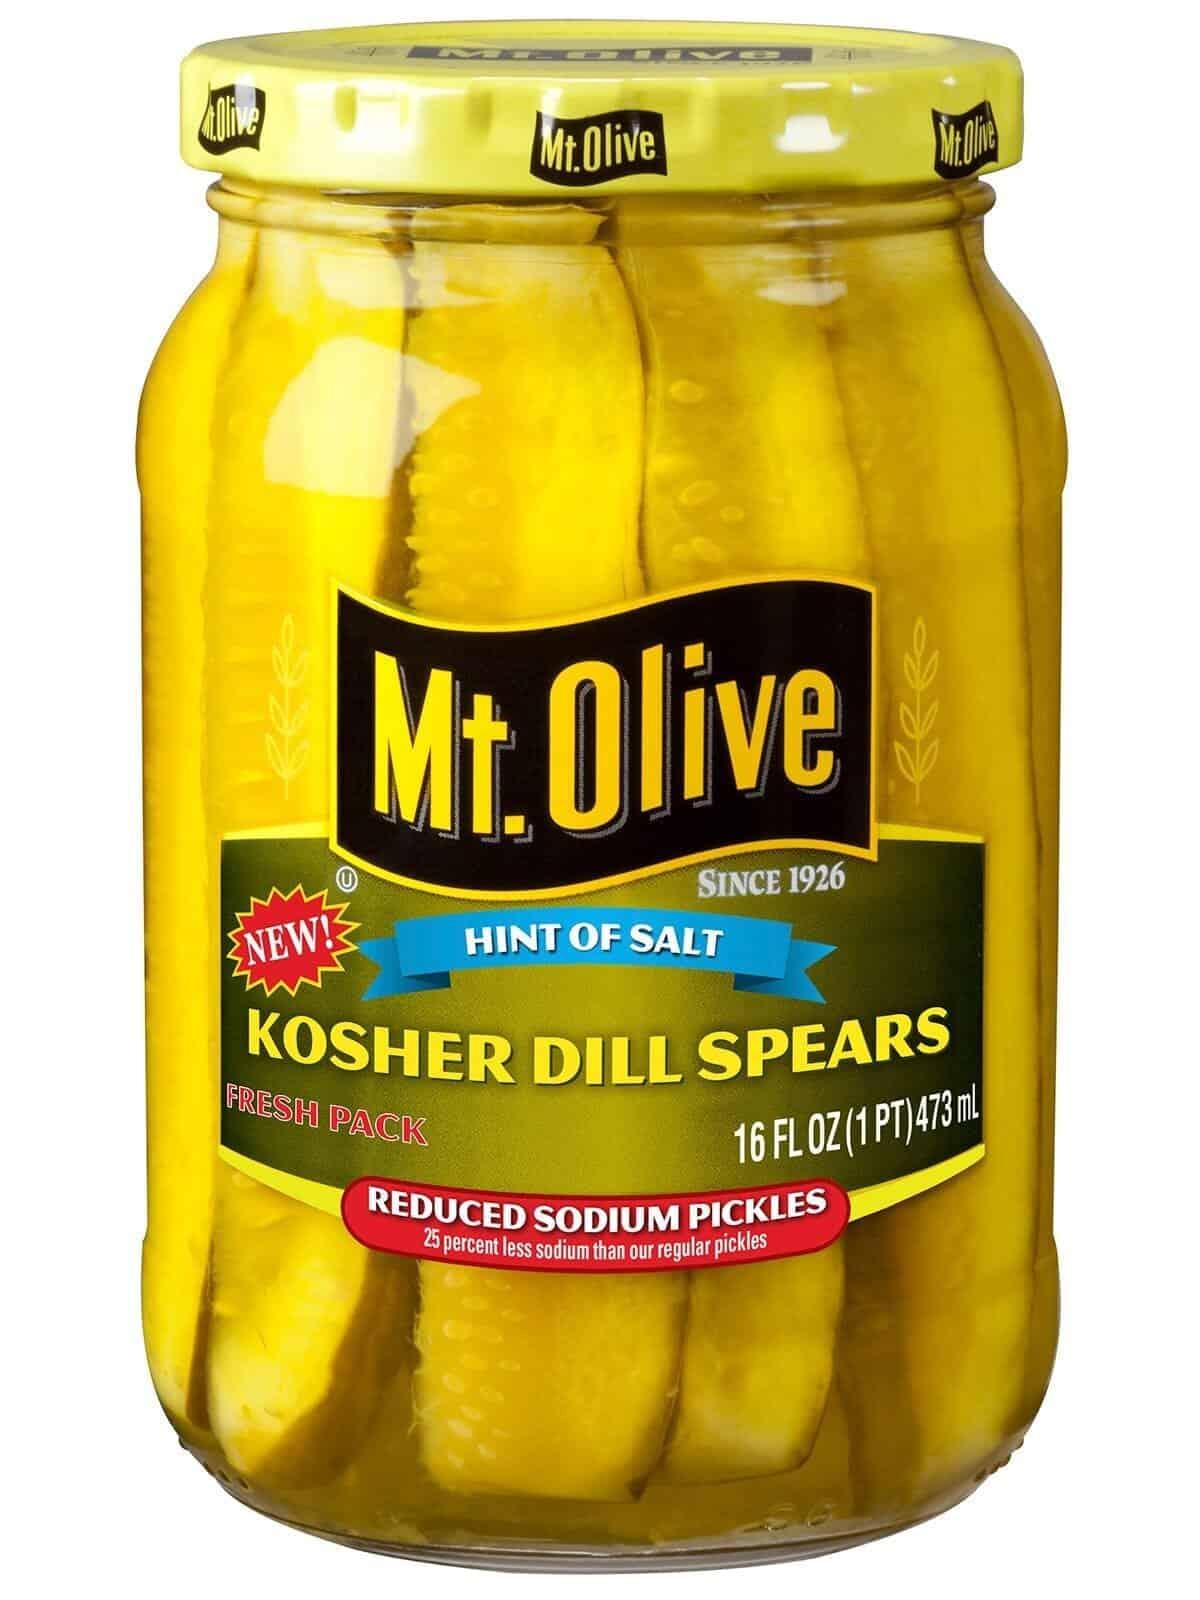 recipe: polish pickles vs kosher [23]